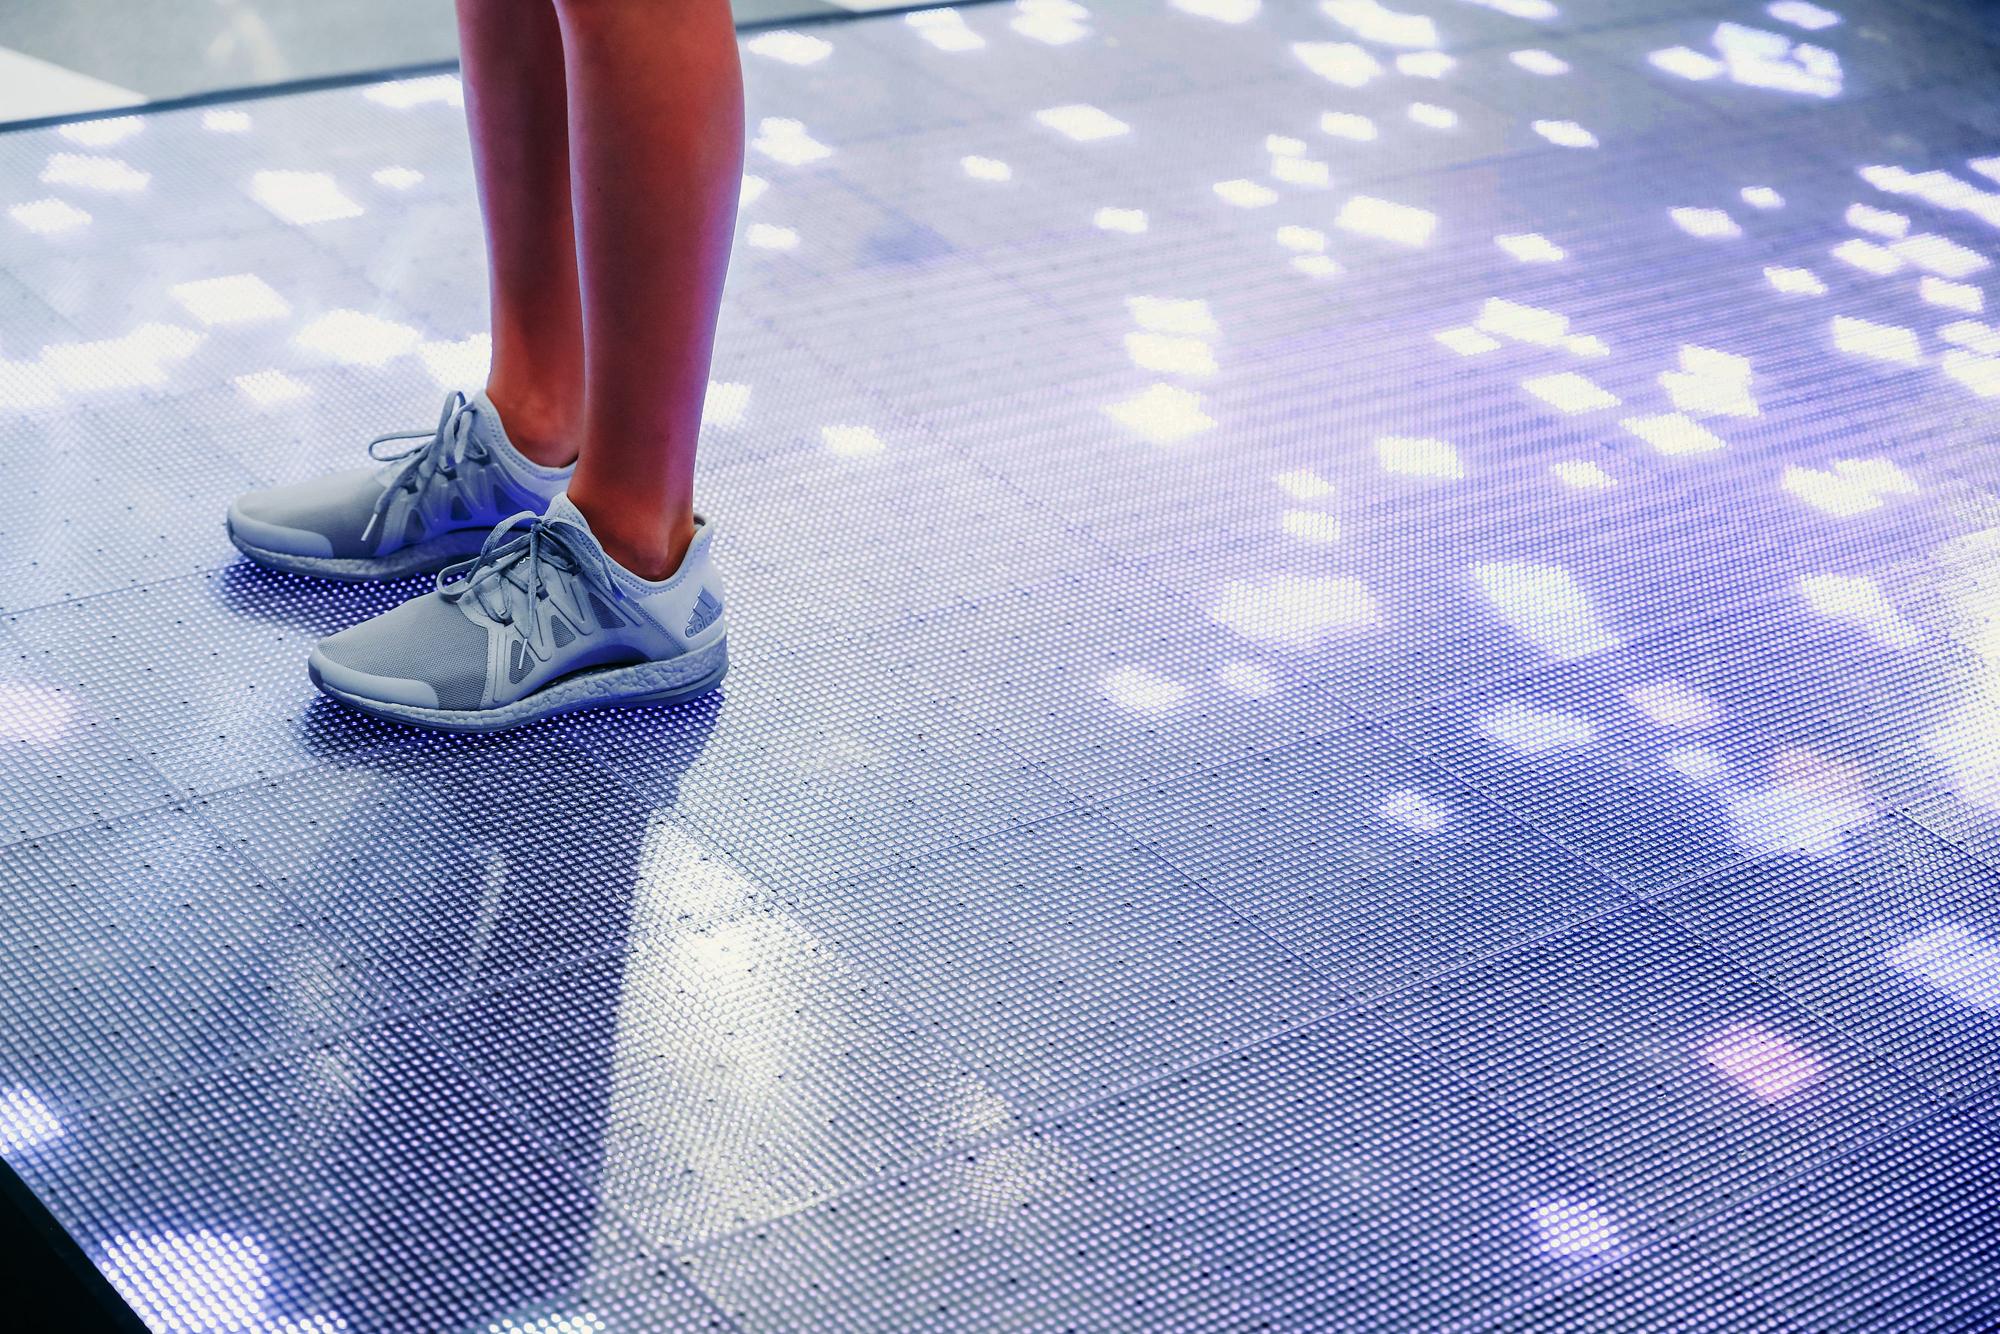 showcase-adidas-closeup1.jpg